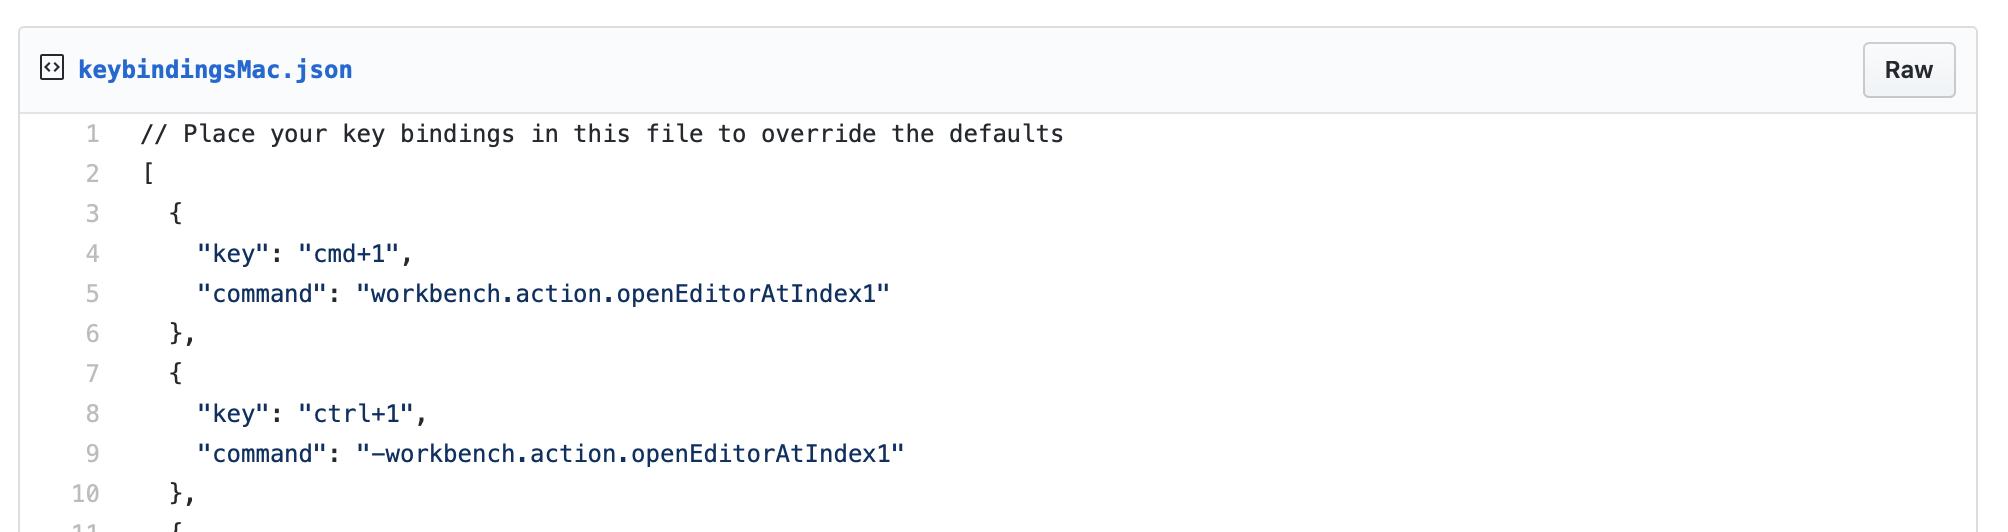 Los enlaces de teclas de Mac utilizan un archivo llamado keyBindingsMac.json